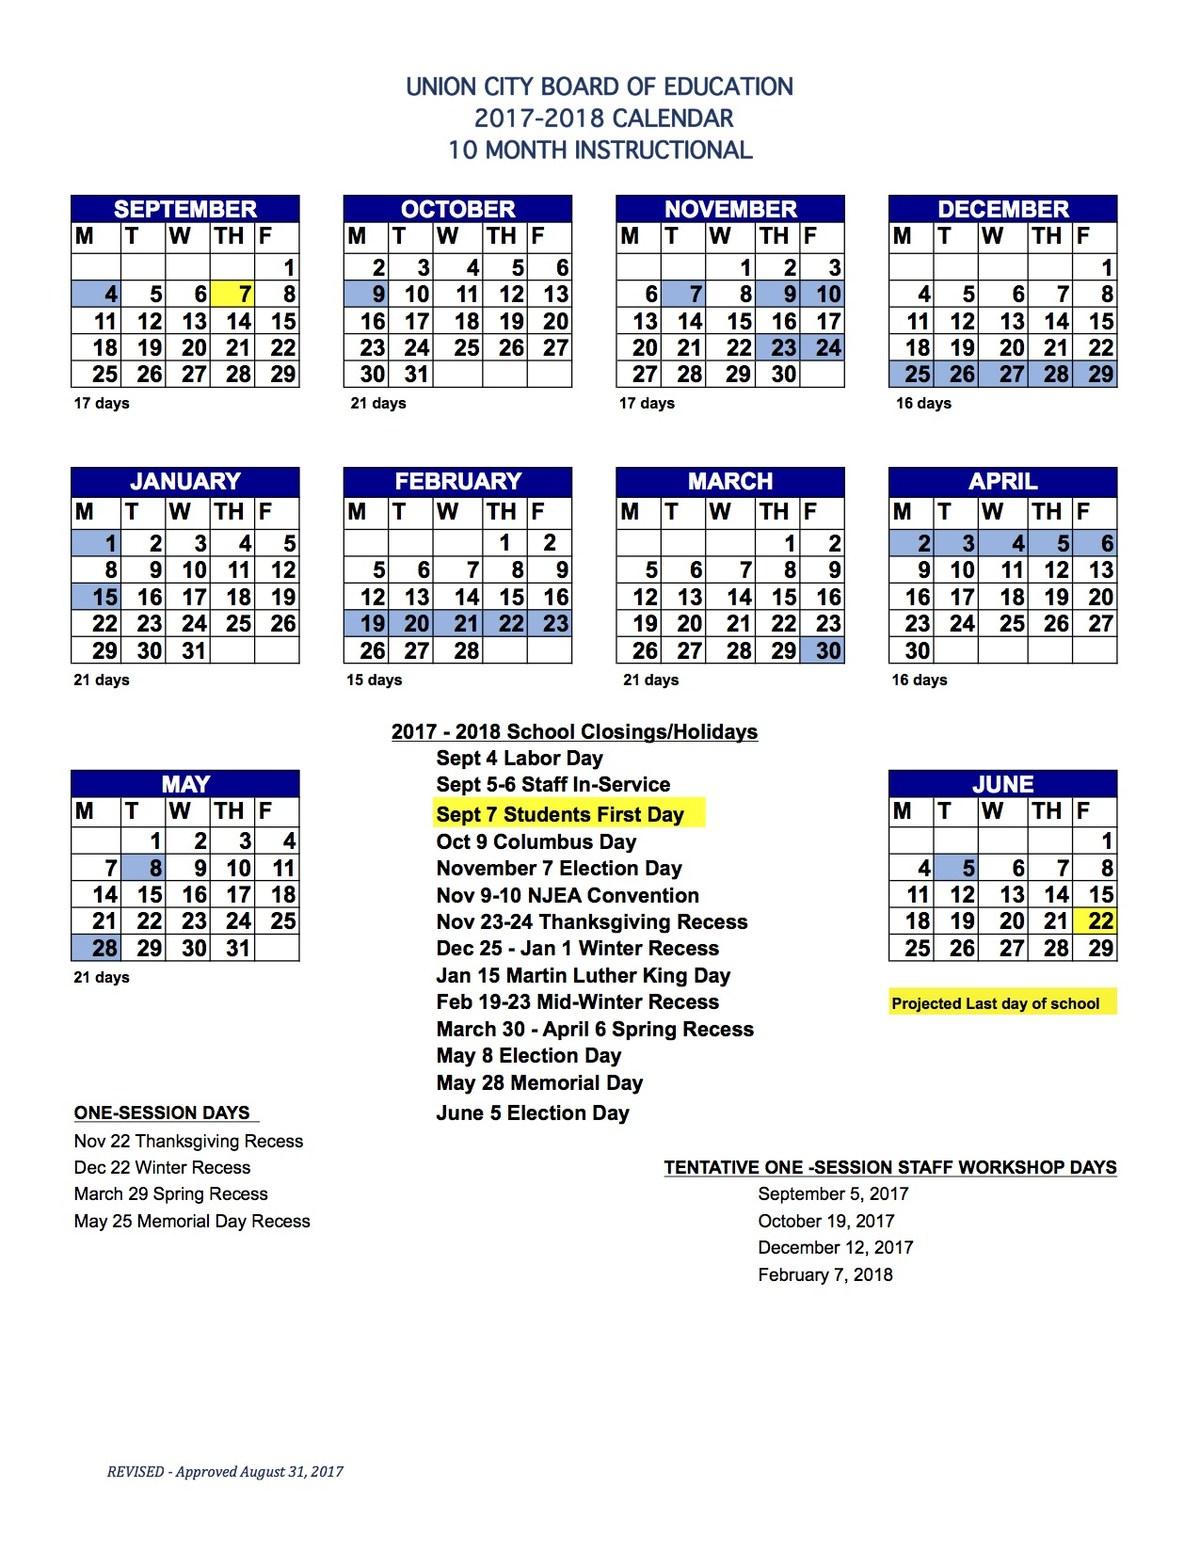 2017-2018 10 Month Calendar